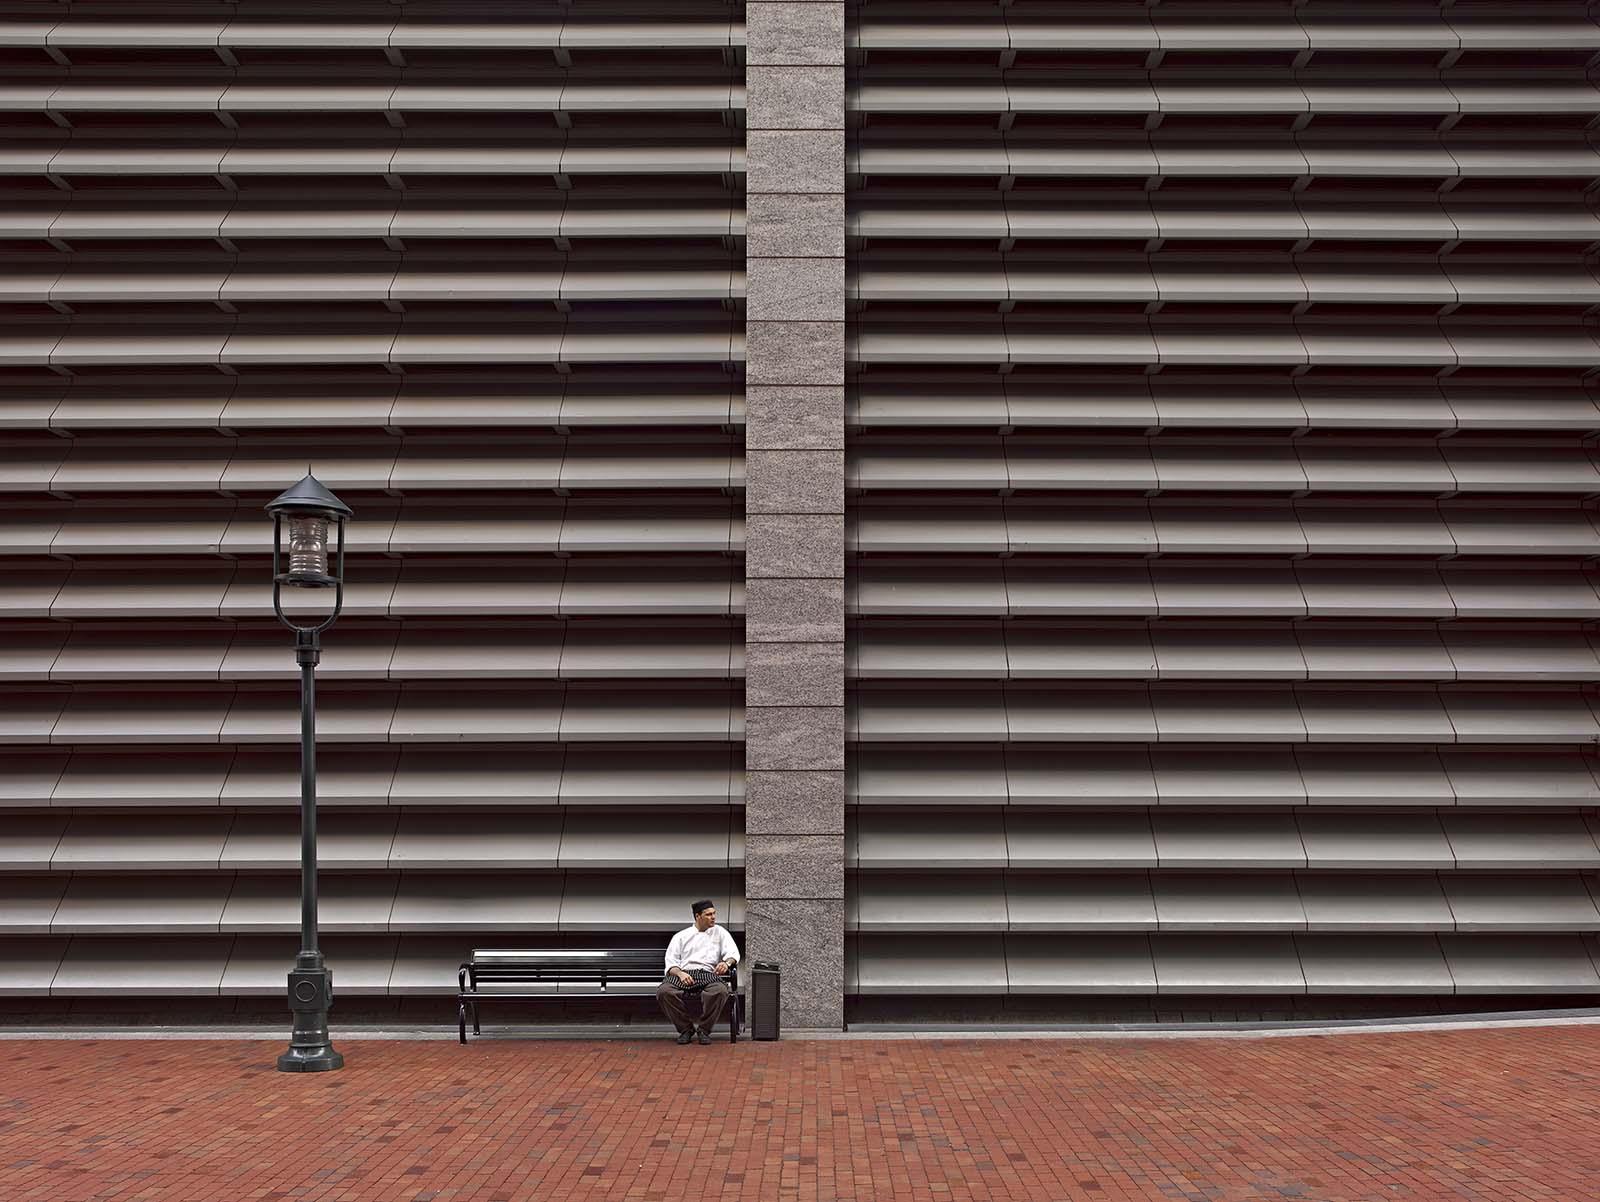 Baker's Break, Boston USA